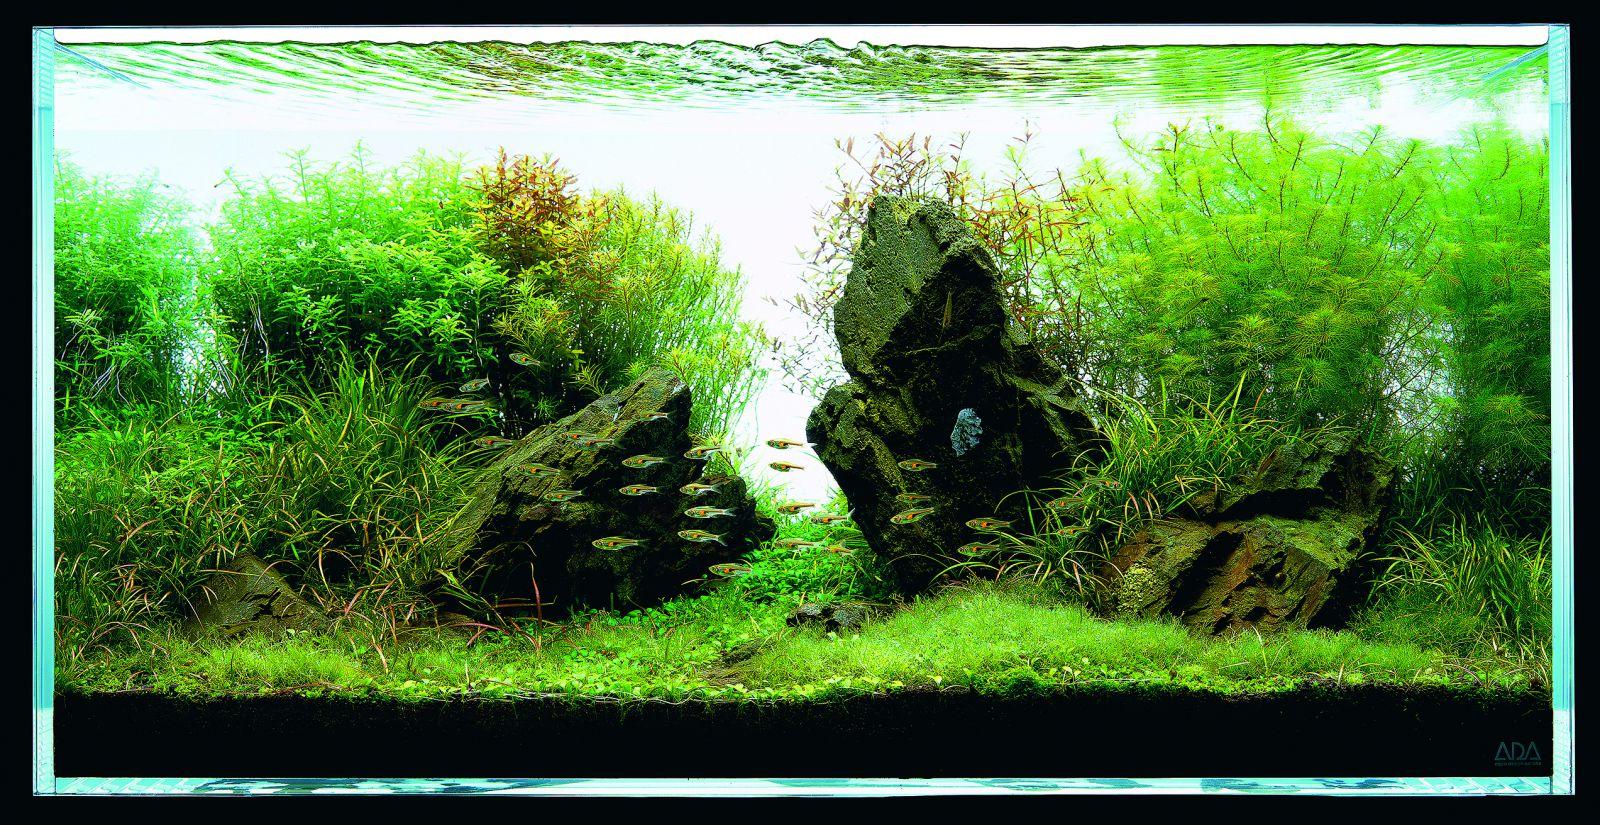 Cây cỏ đỏ trong một bố cục hồ thủy sinh